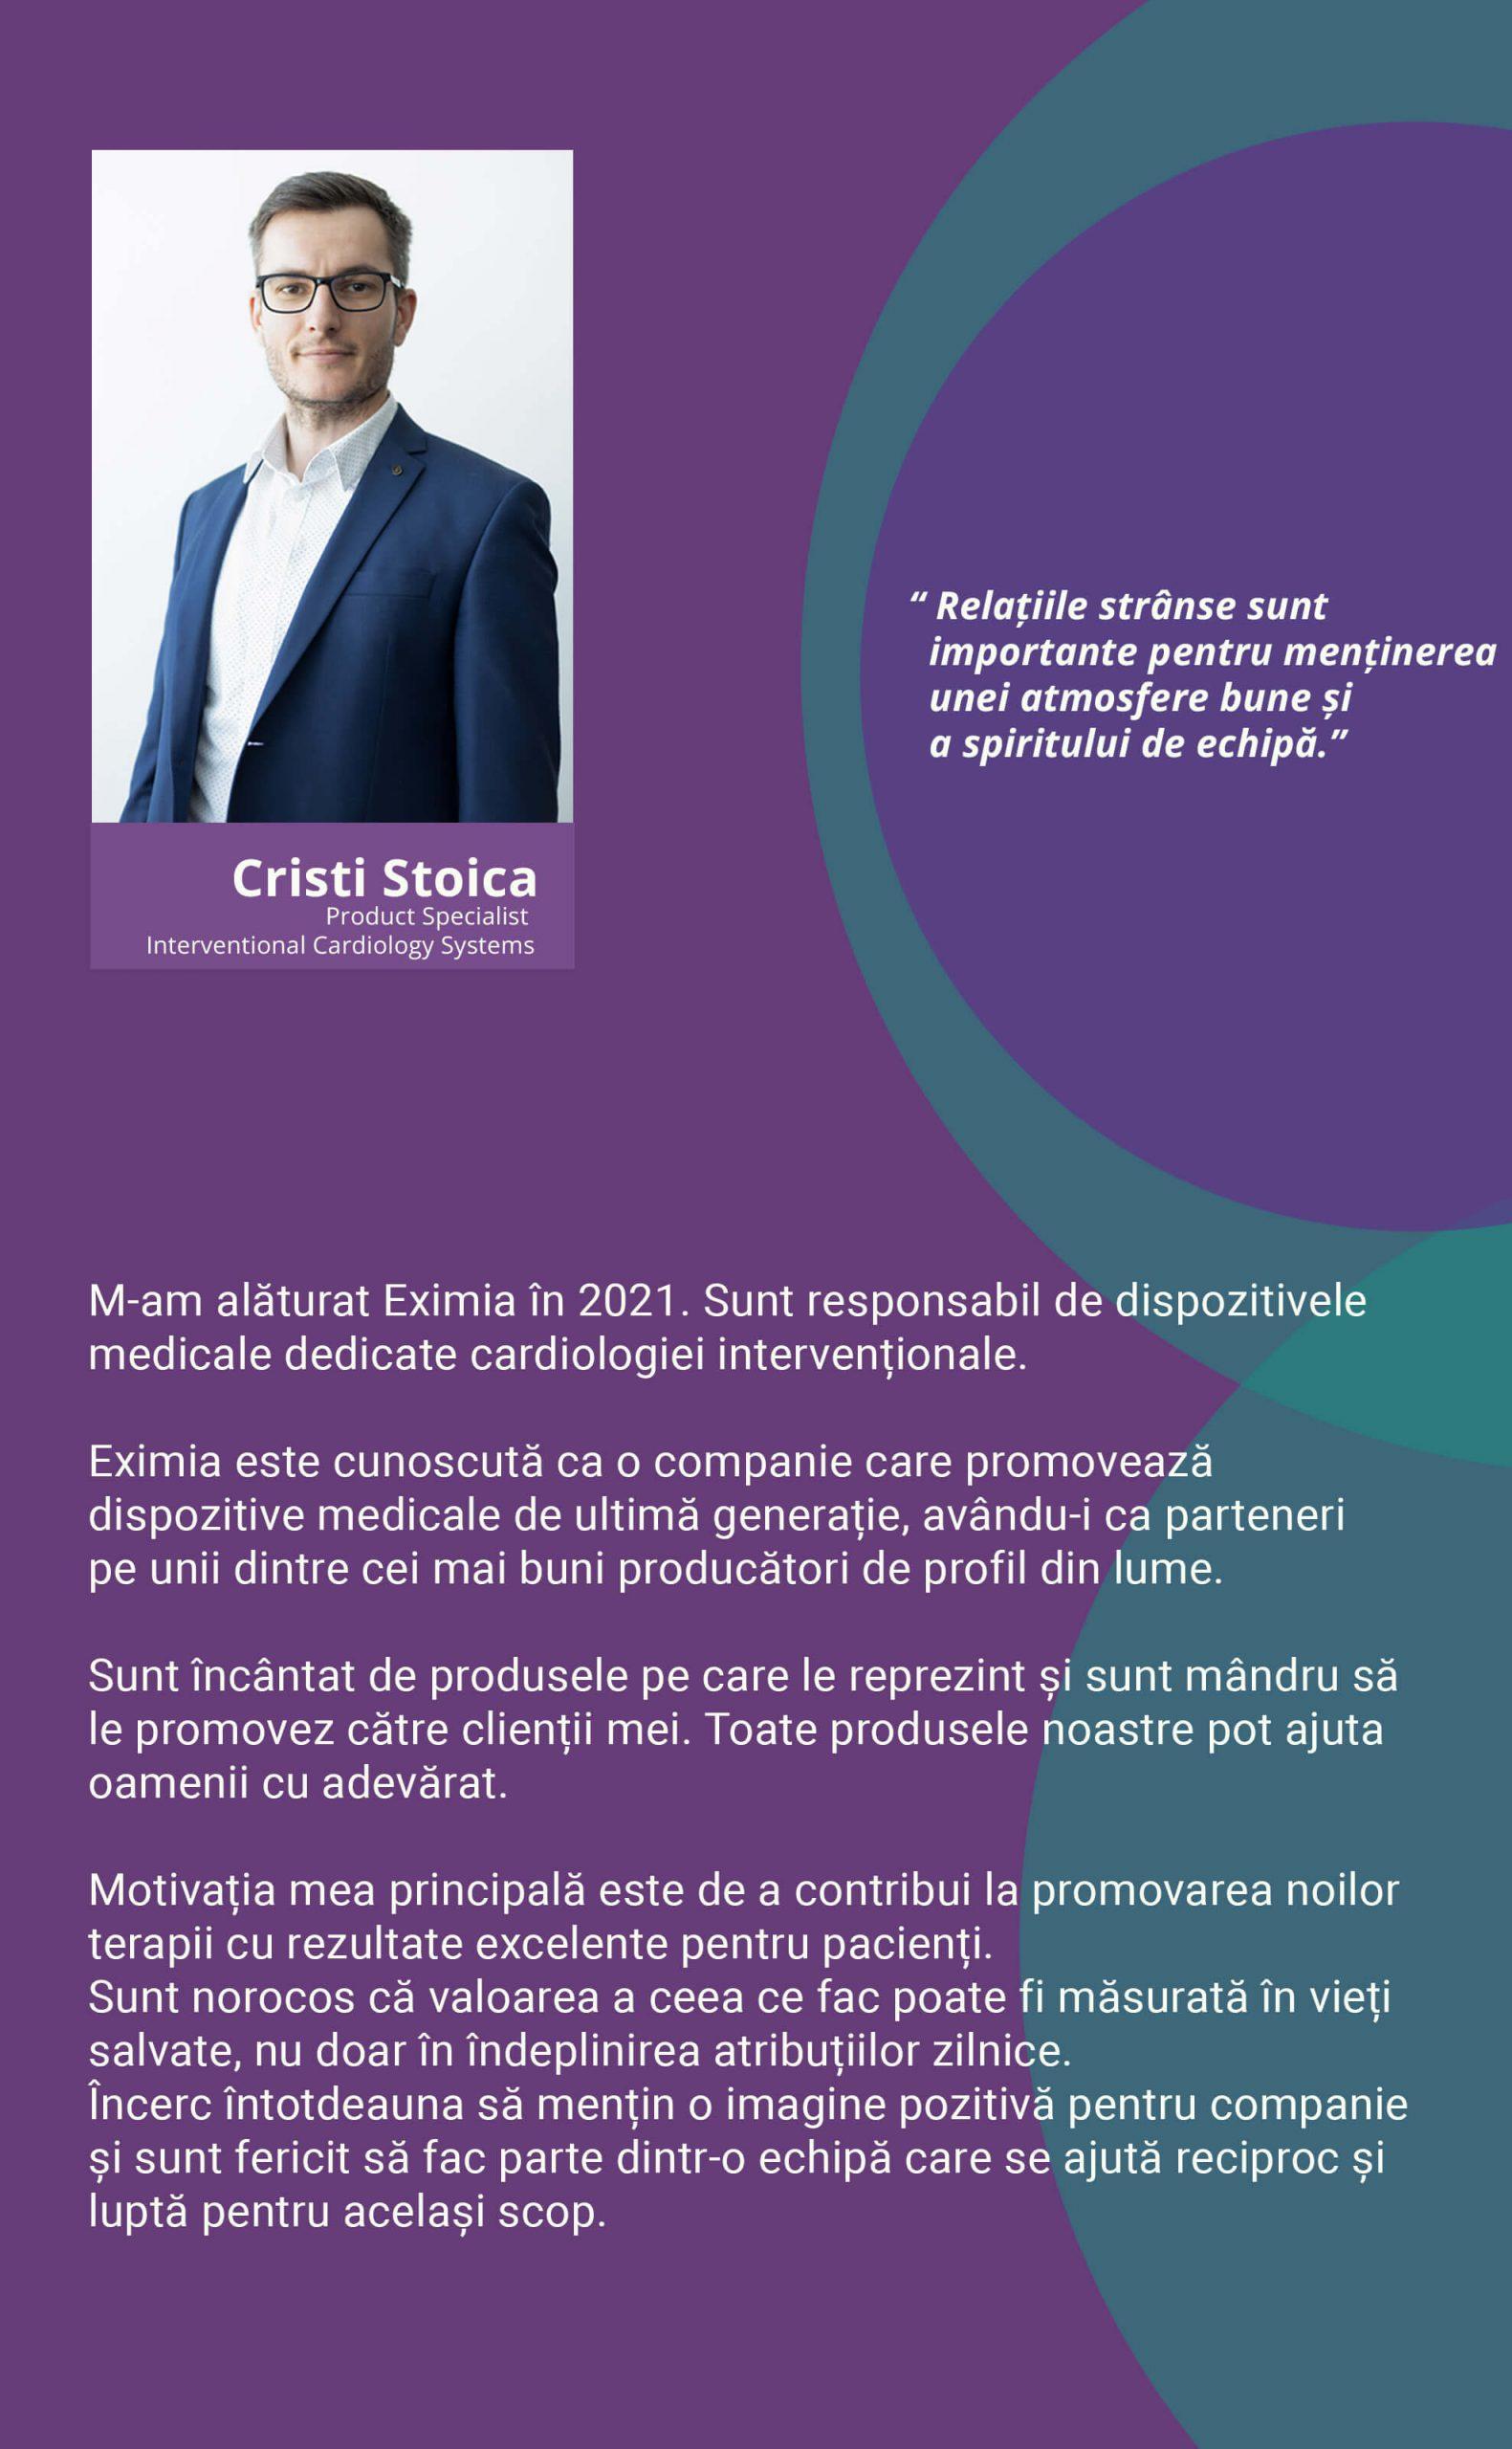 Cristi Stoica